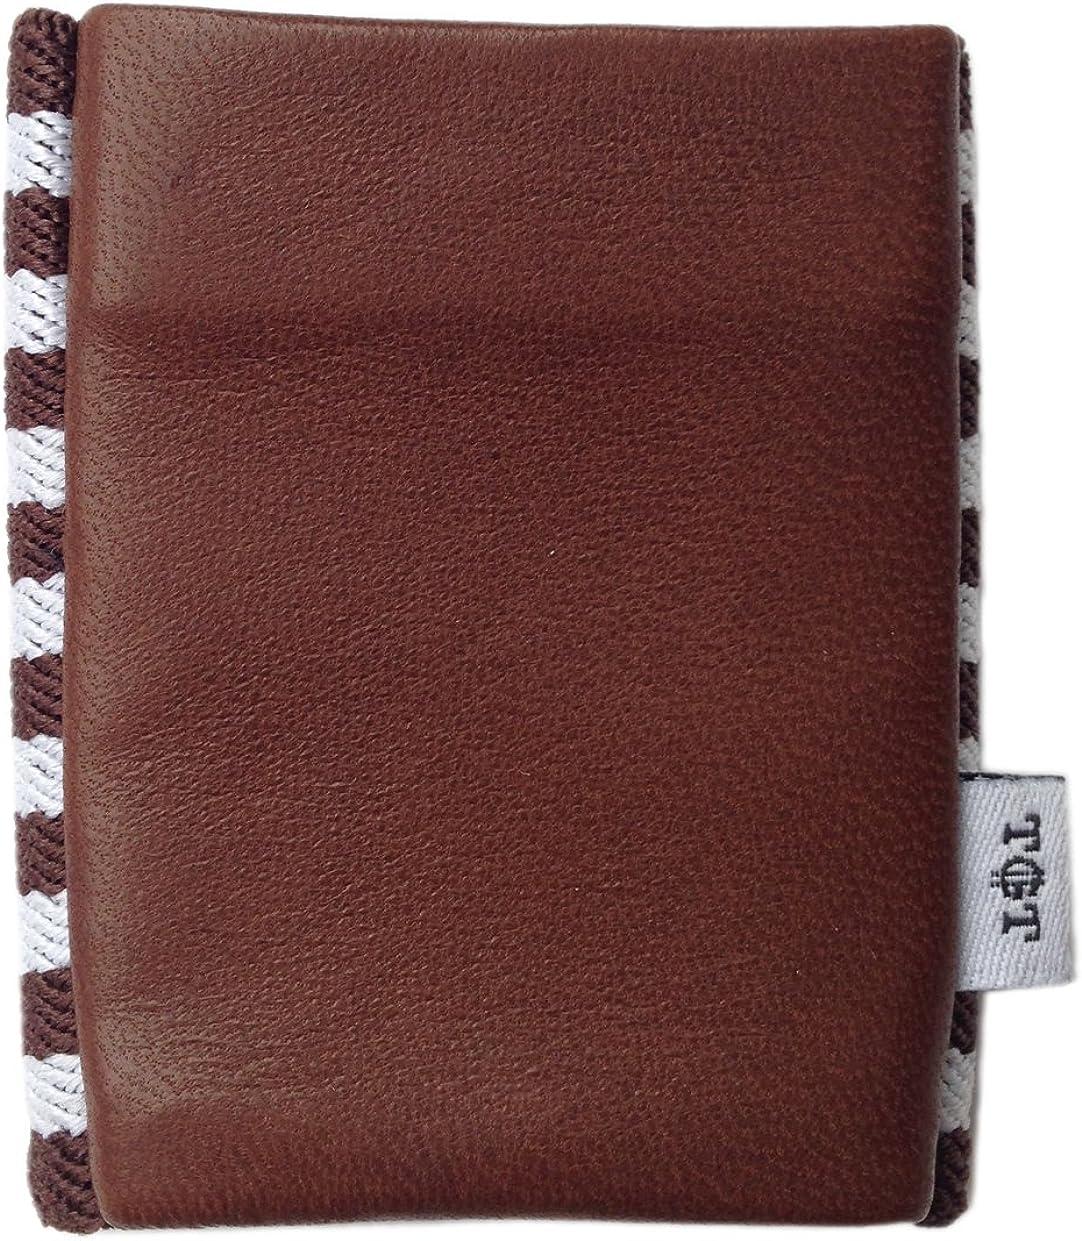 TGT (Tight) Cowman 2.0 Slim Design Wallet